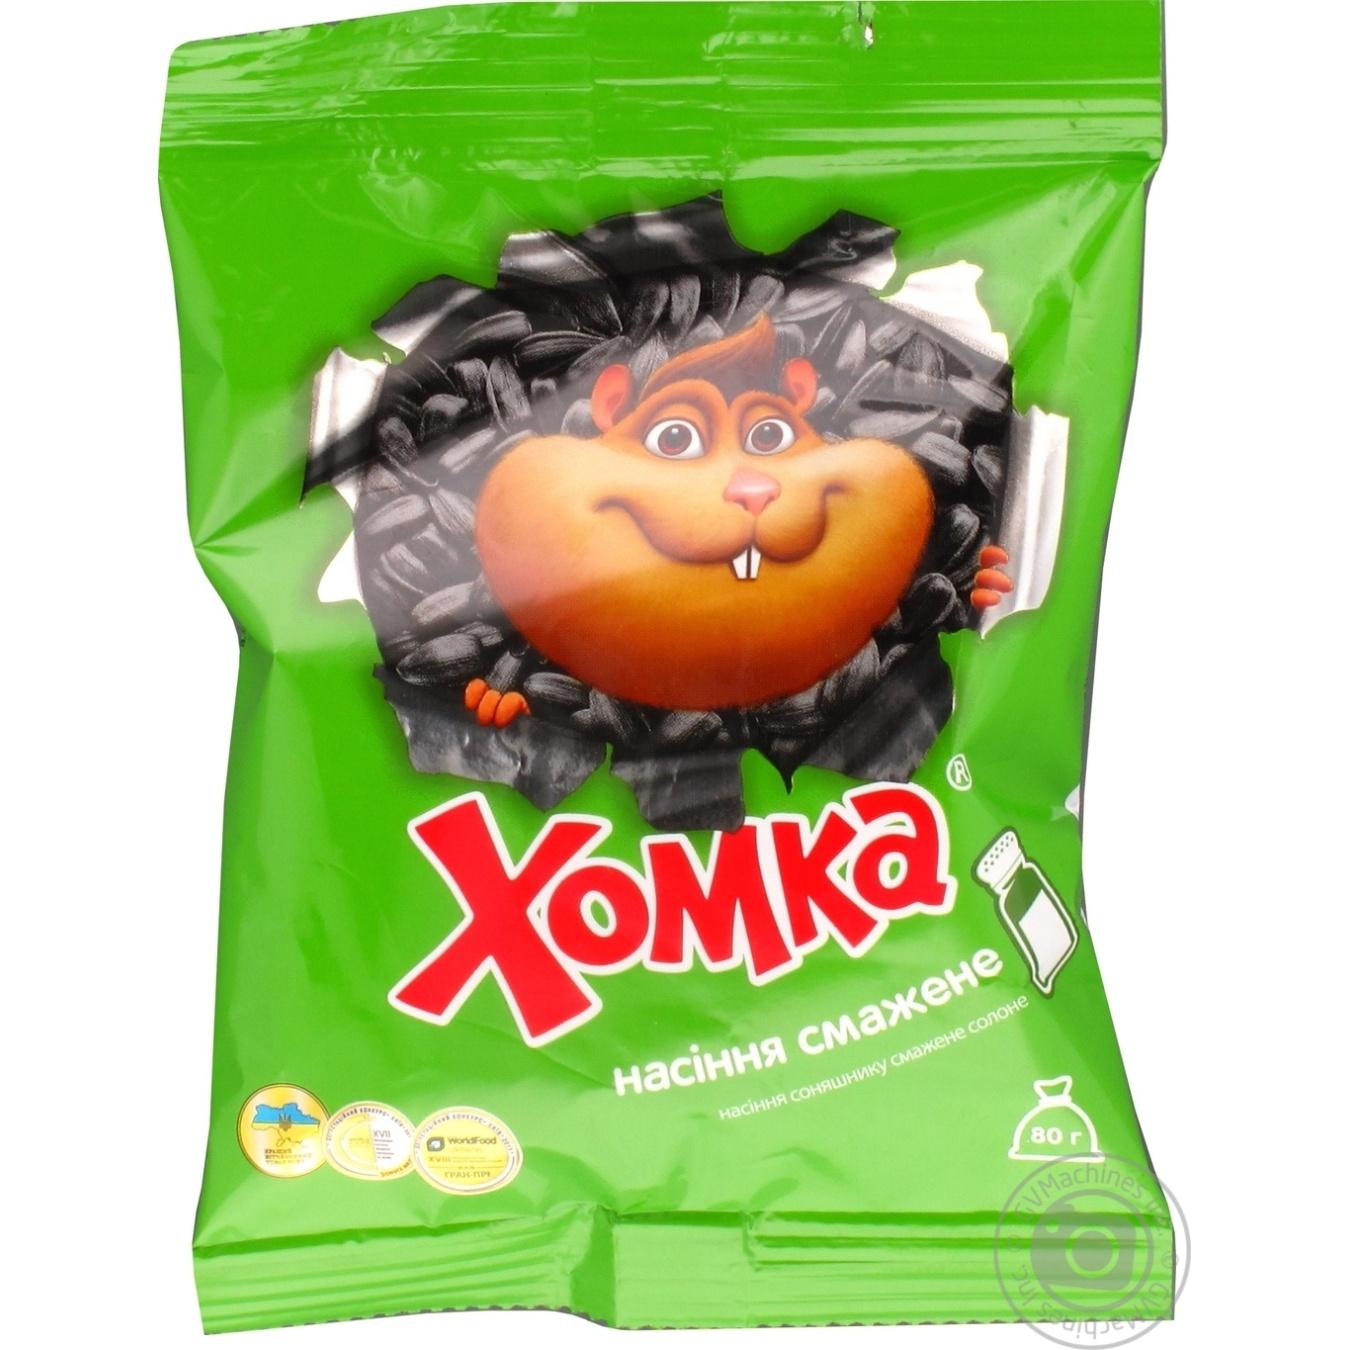 Купить Семена подсолнечника Хомка жареные соленые 80г